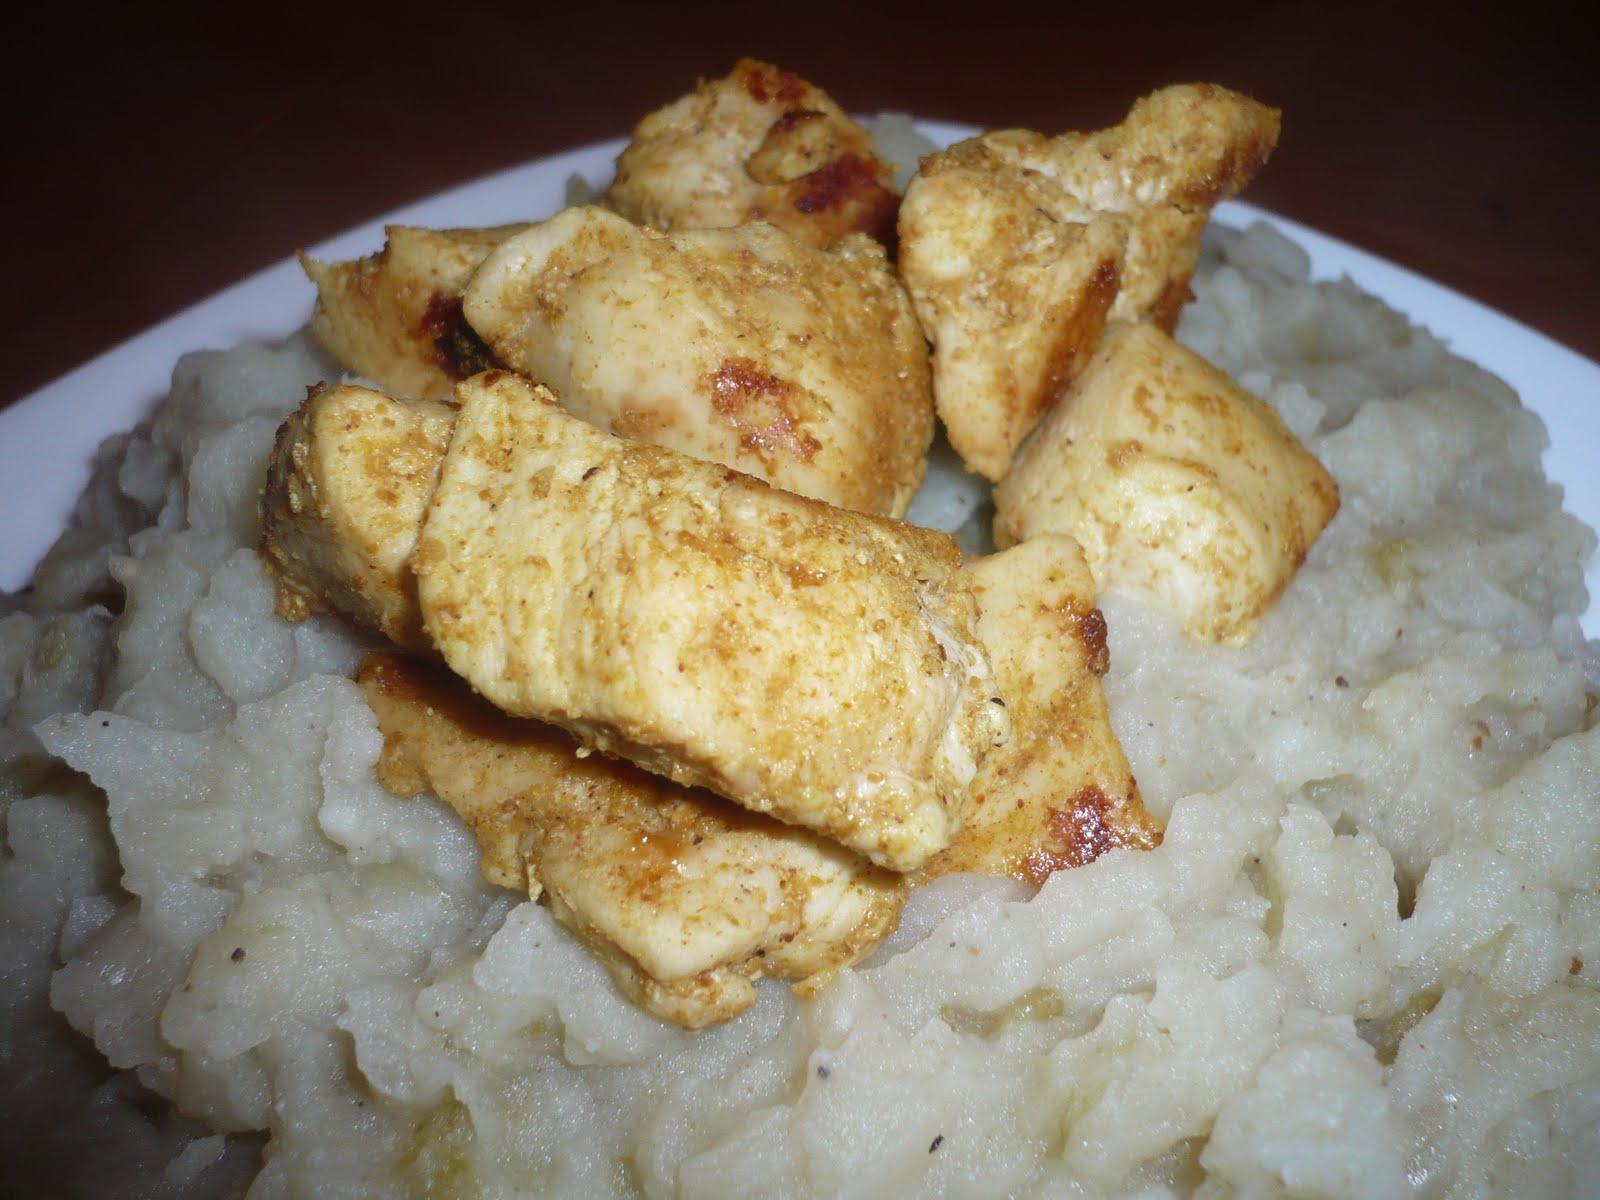 Celle qui cuisinait ou le plaisir de cuisiner sp cial lendemain de f tes dans le froid - Cuisiner la veille pour le lendemain ...